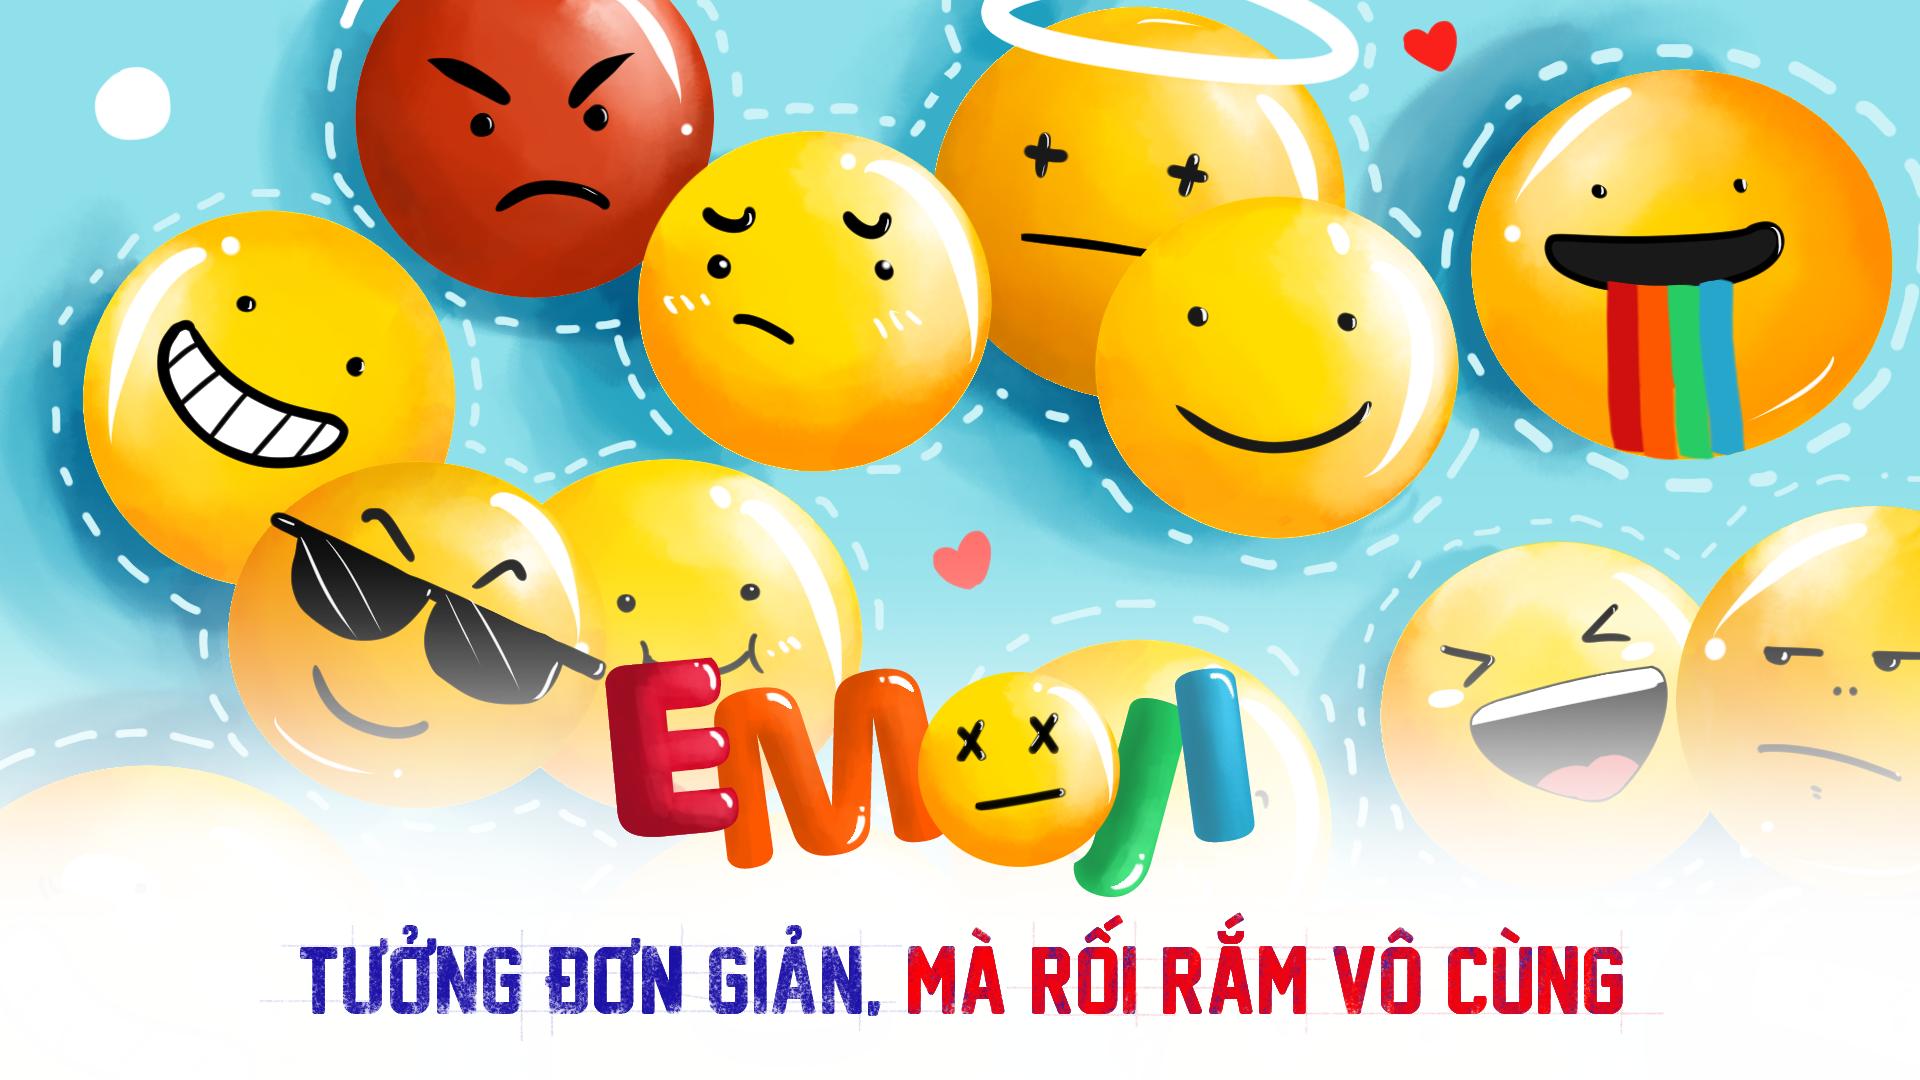 Emoji mạng xã hội rối rắm vô cùng